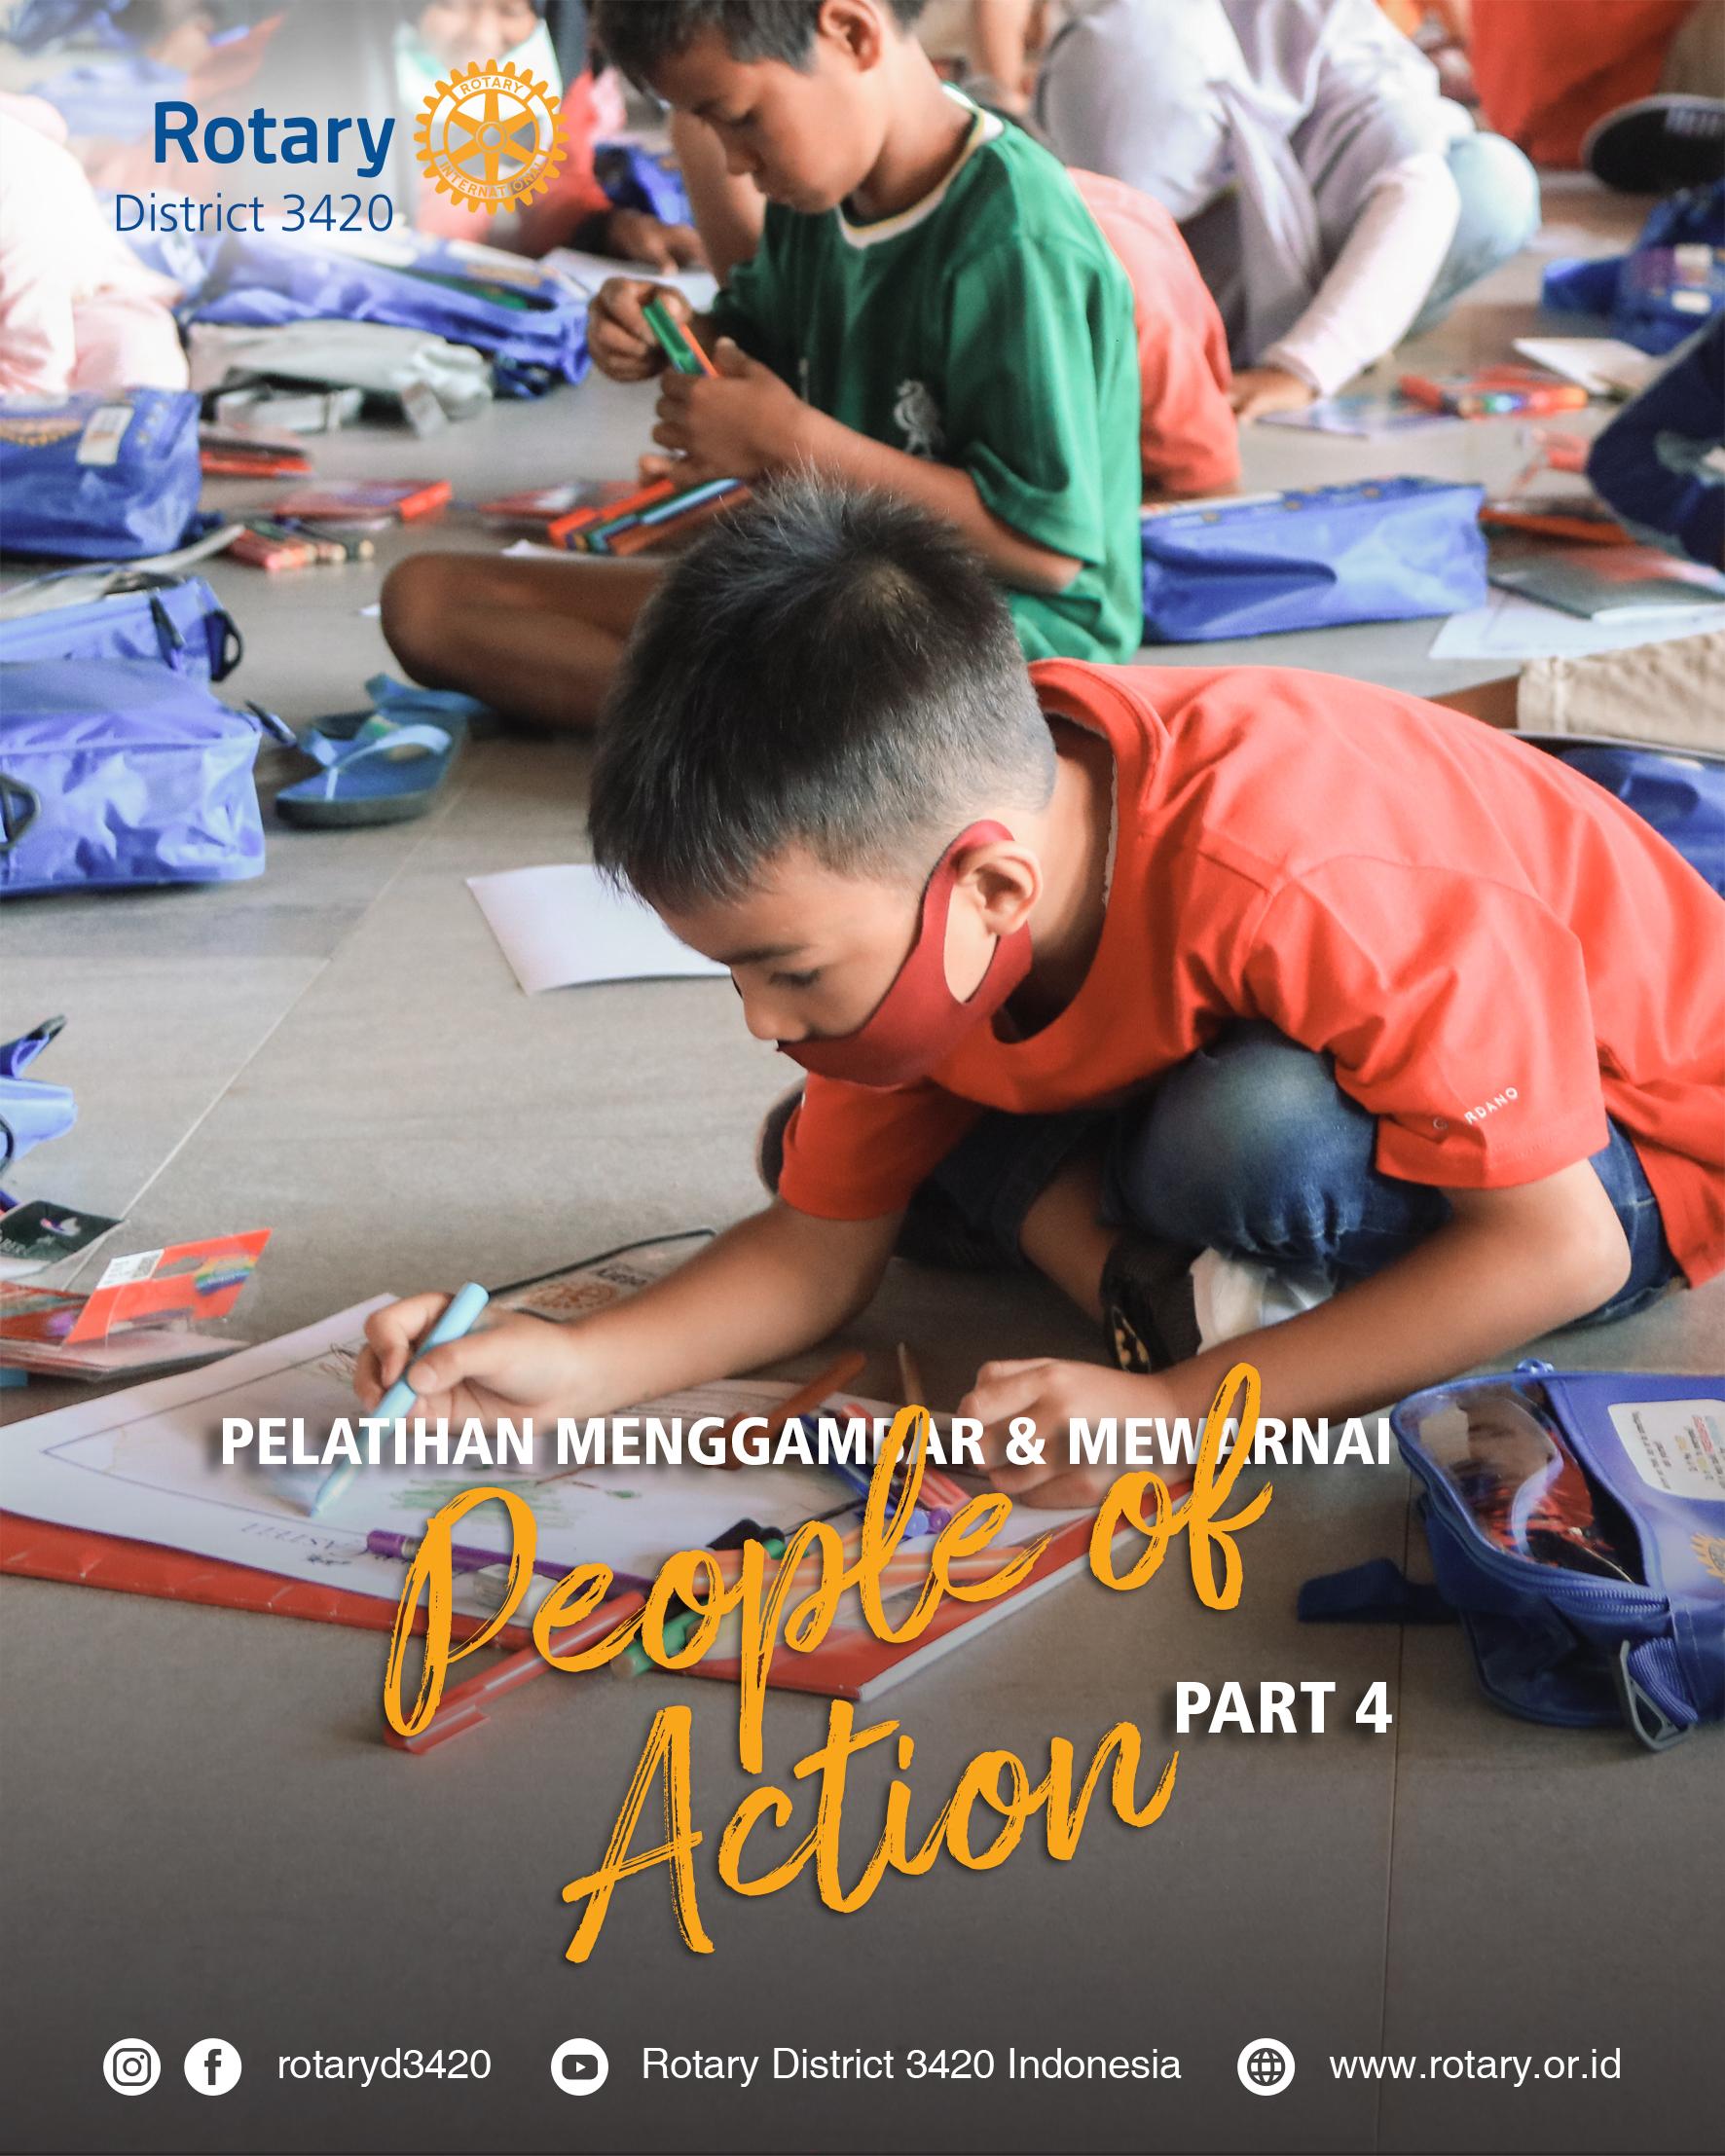 Pelatihan Menggambar Dan Mewarnai Kreatif PART 4 – Lombok Barat